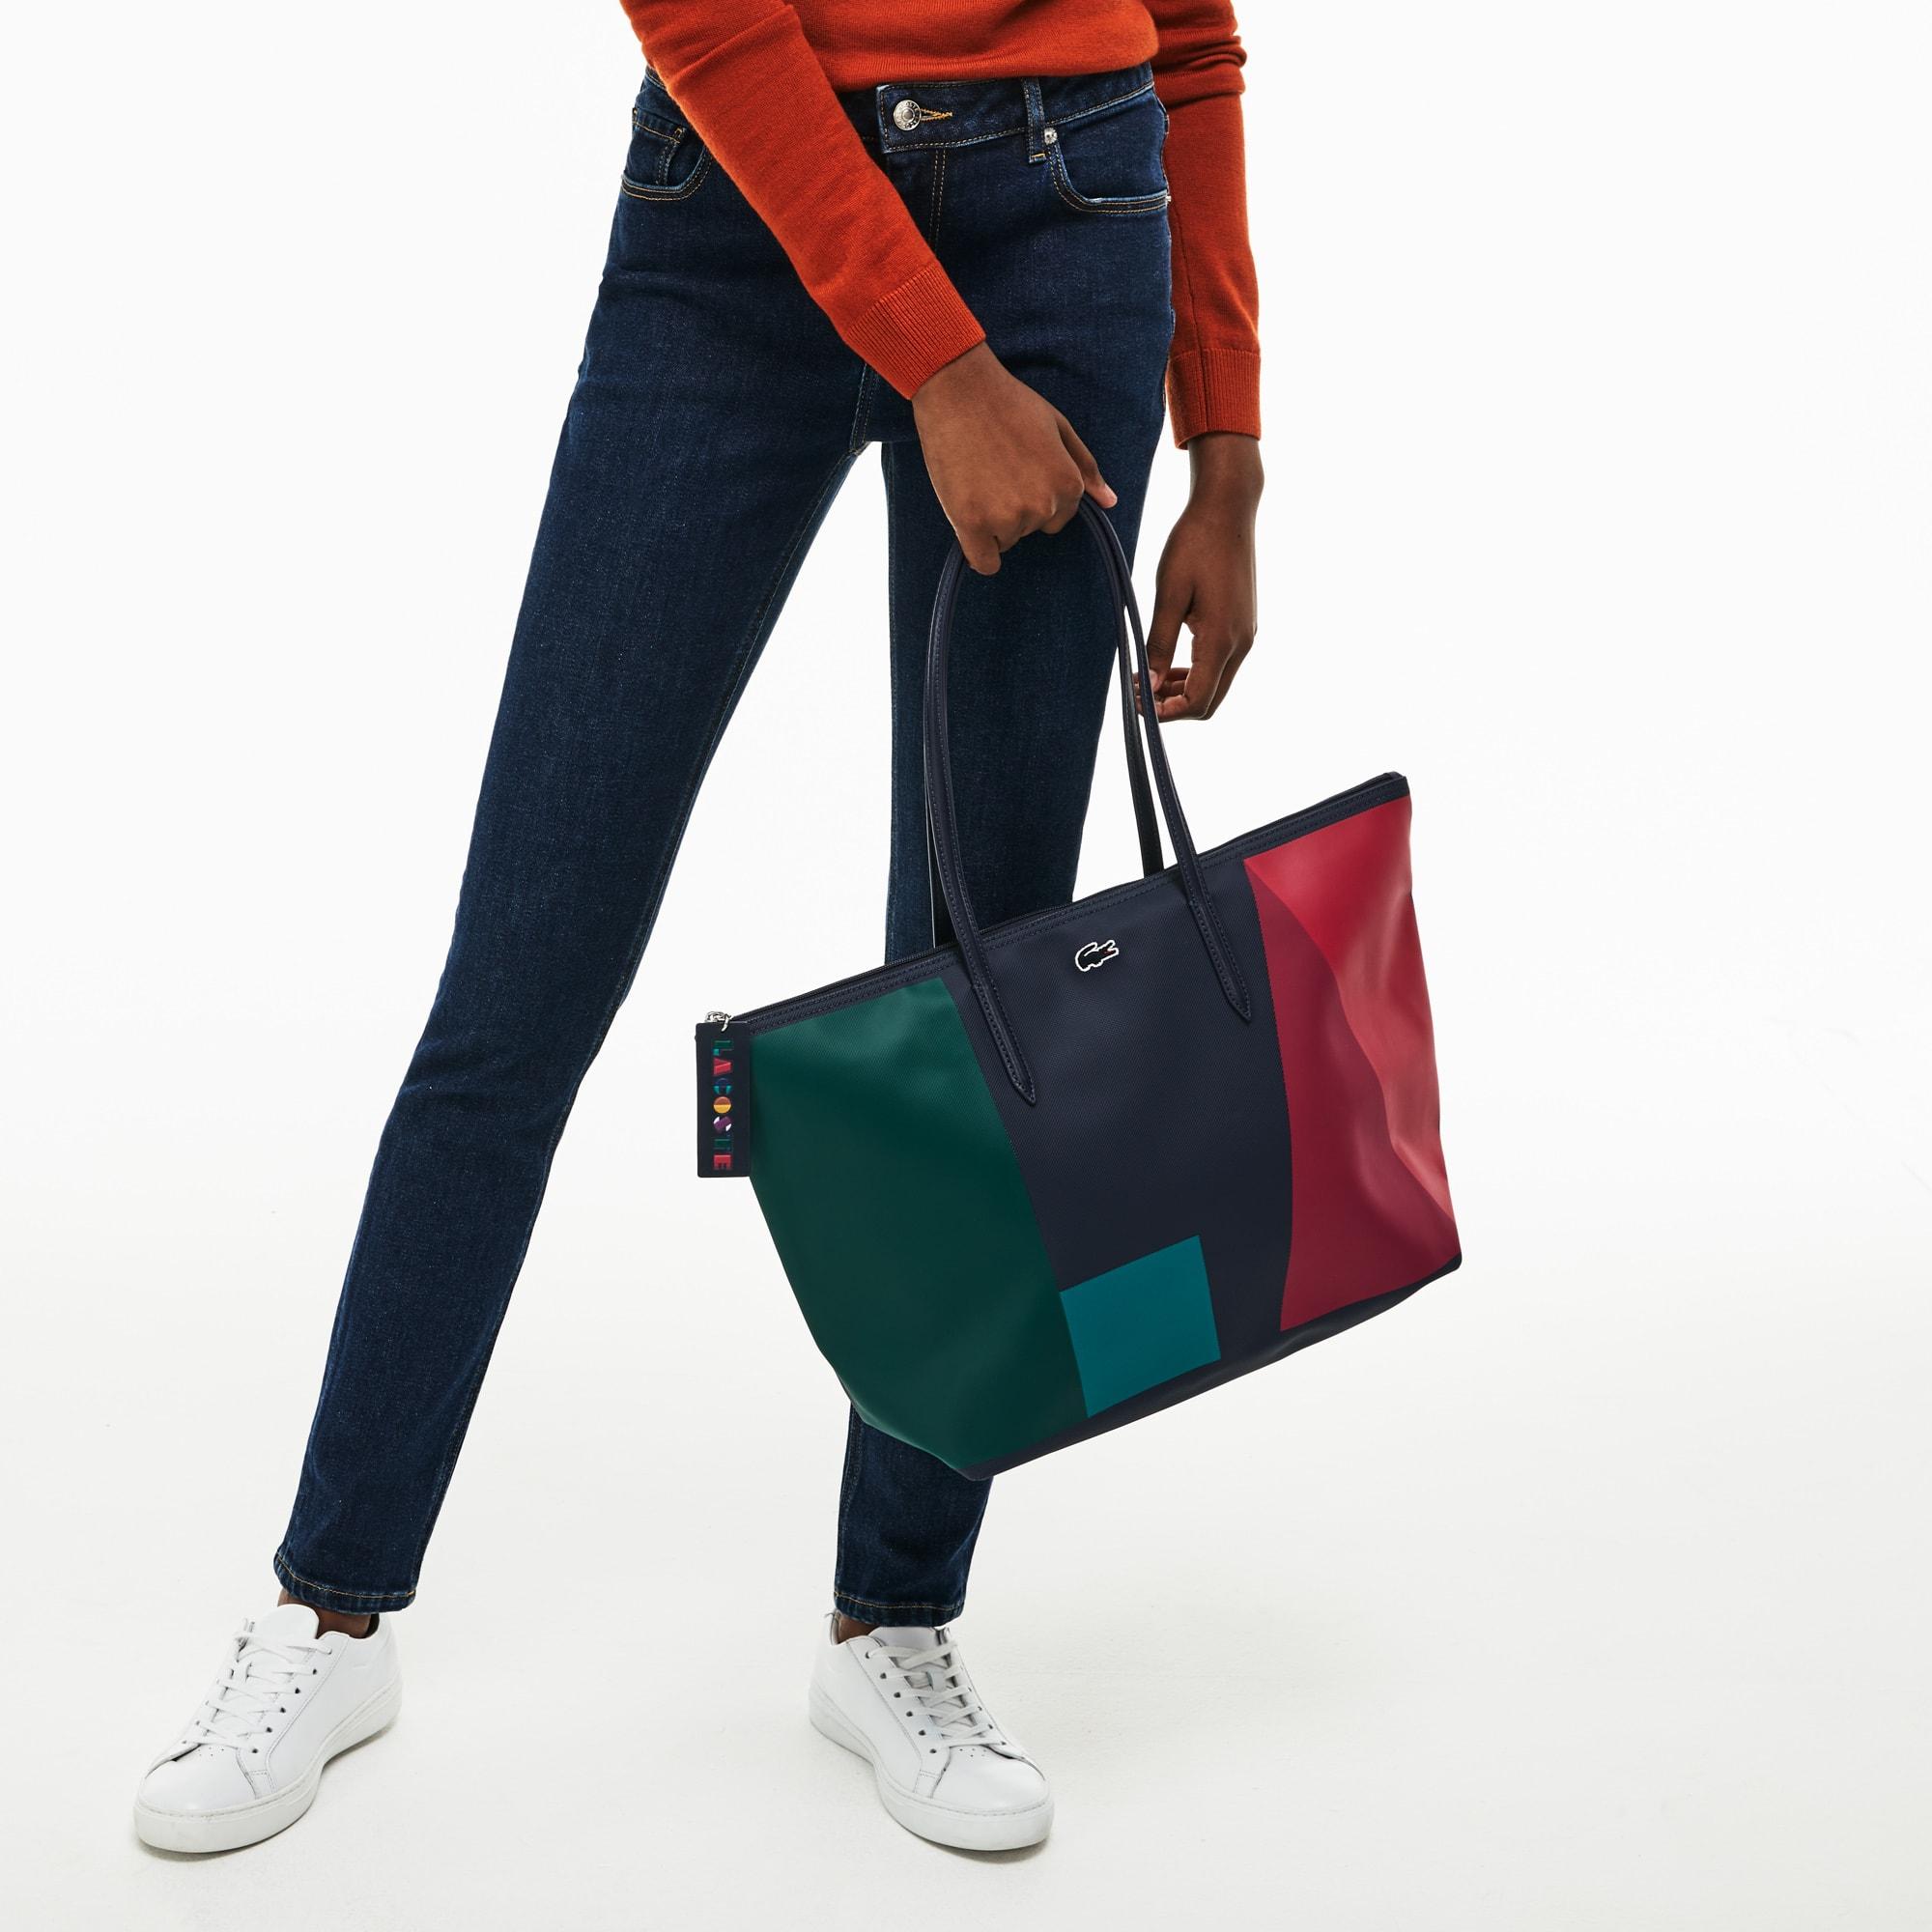 حقيبة نسائية كبيرة متعددة الألوان من مجموعة L.12.12 من البوتيه بيكيه ومزودة بسحّاب